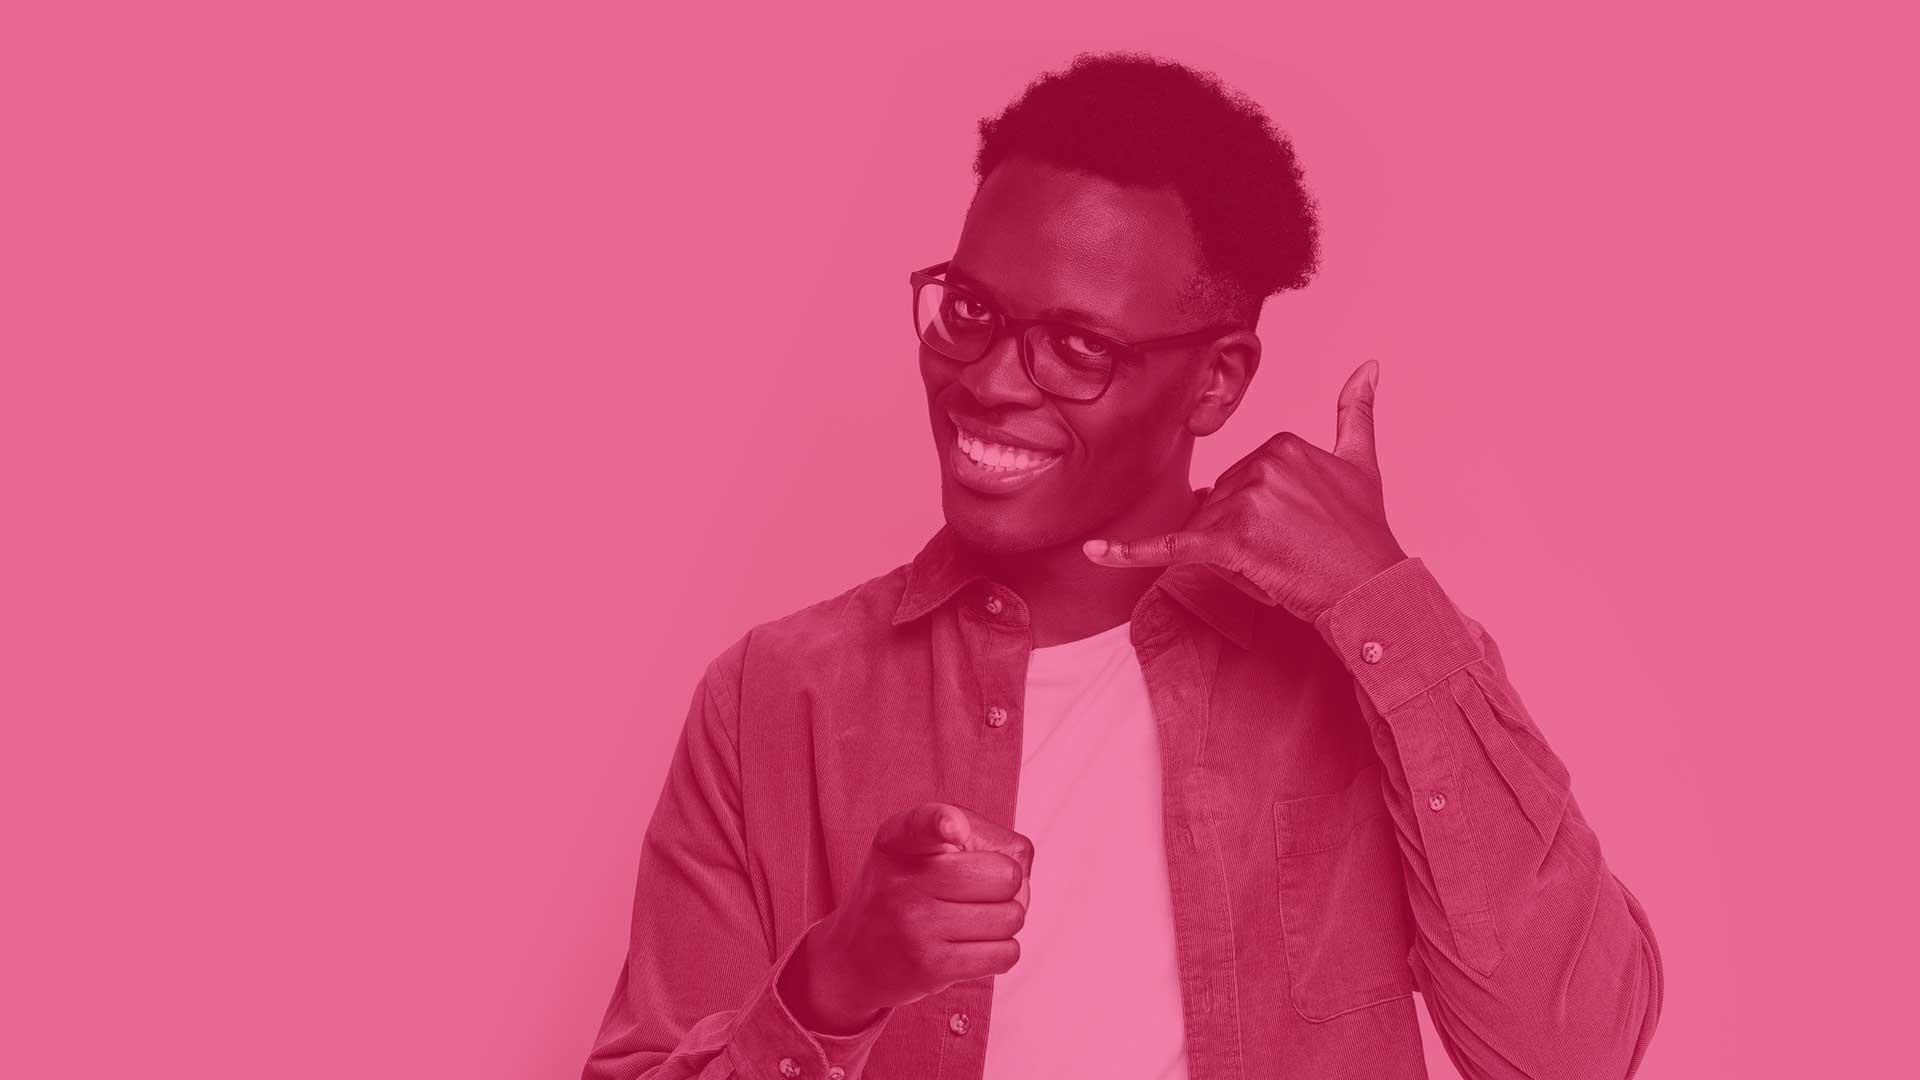 Image d'un homme noir avec des lunettes, souriant et utilisant sa main comme téléphone